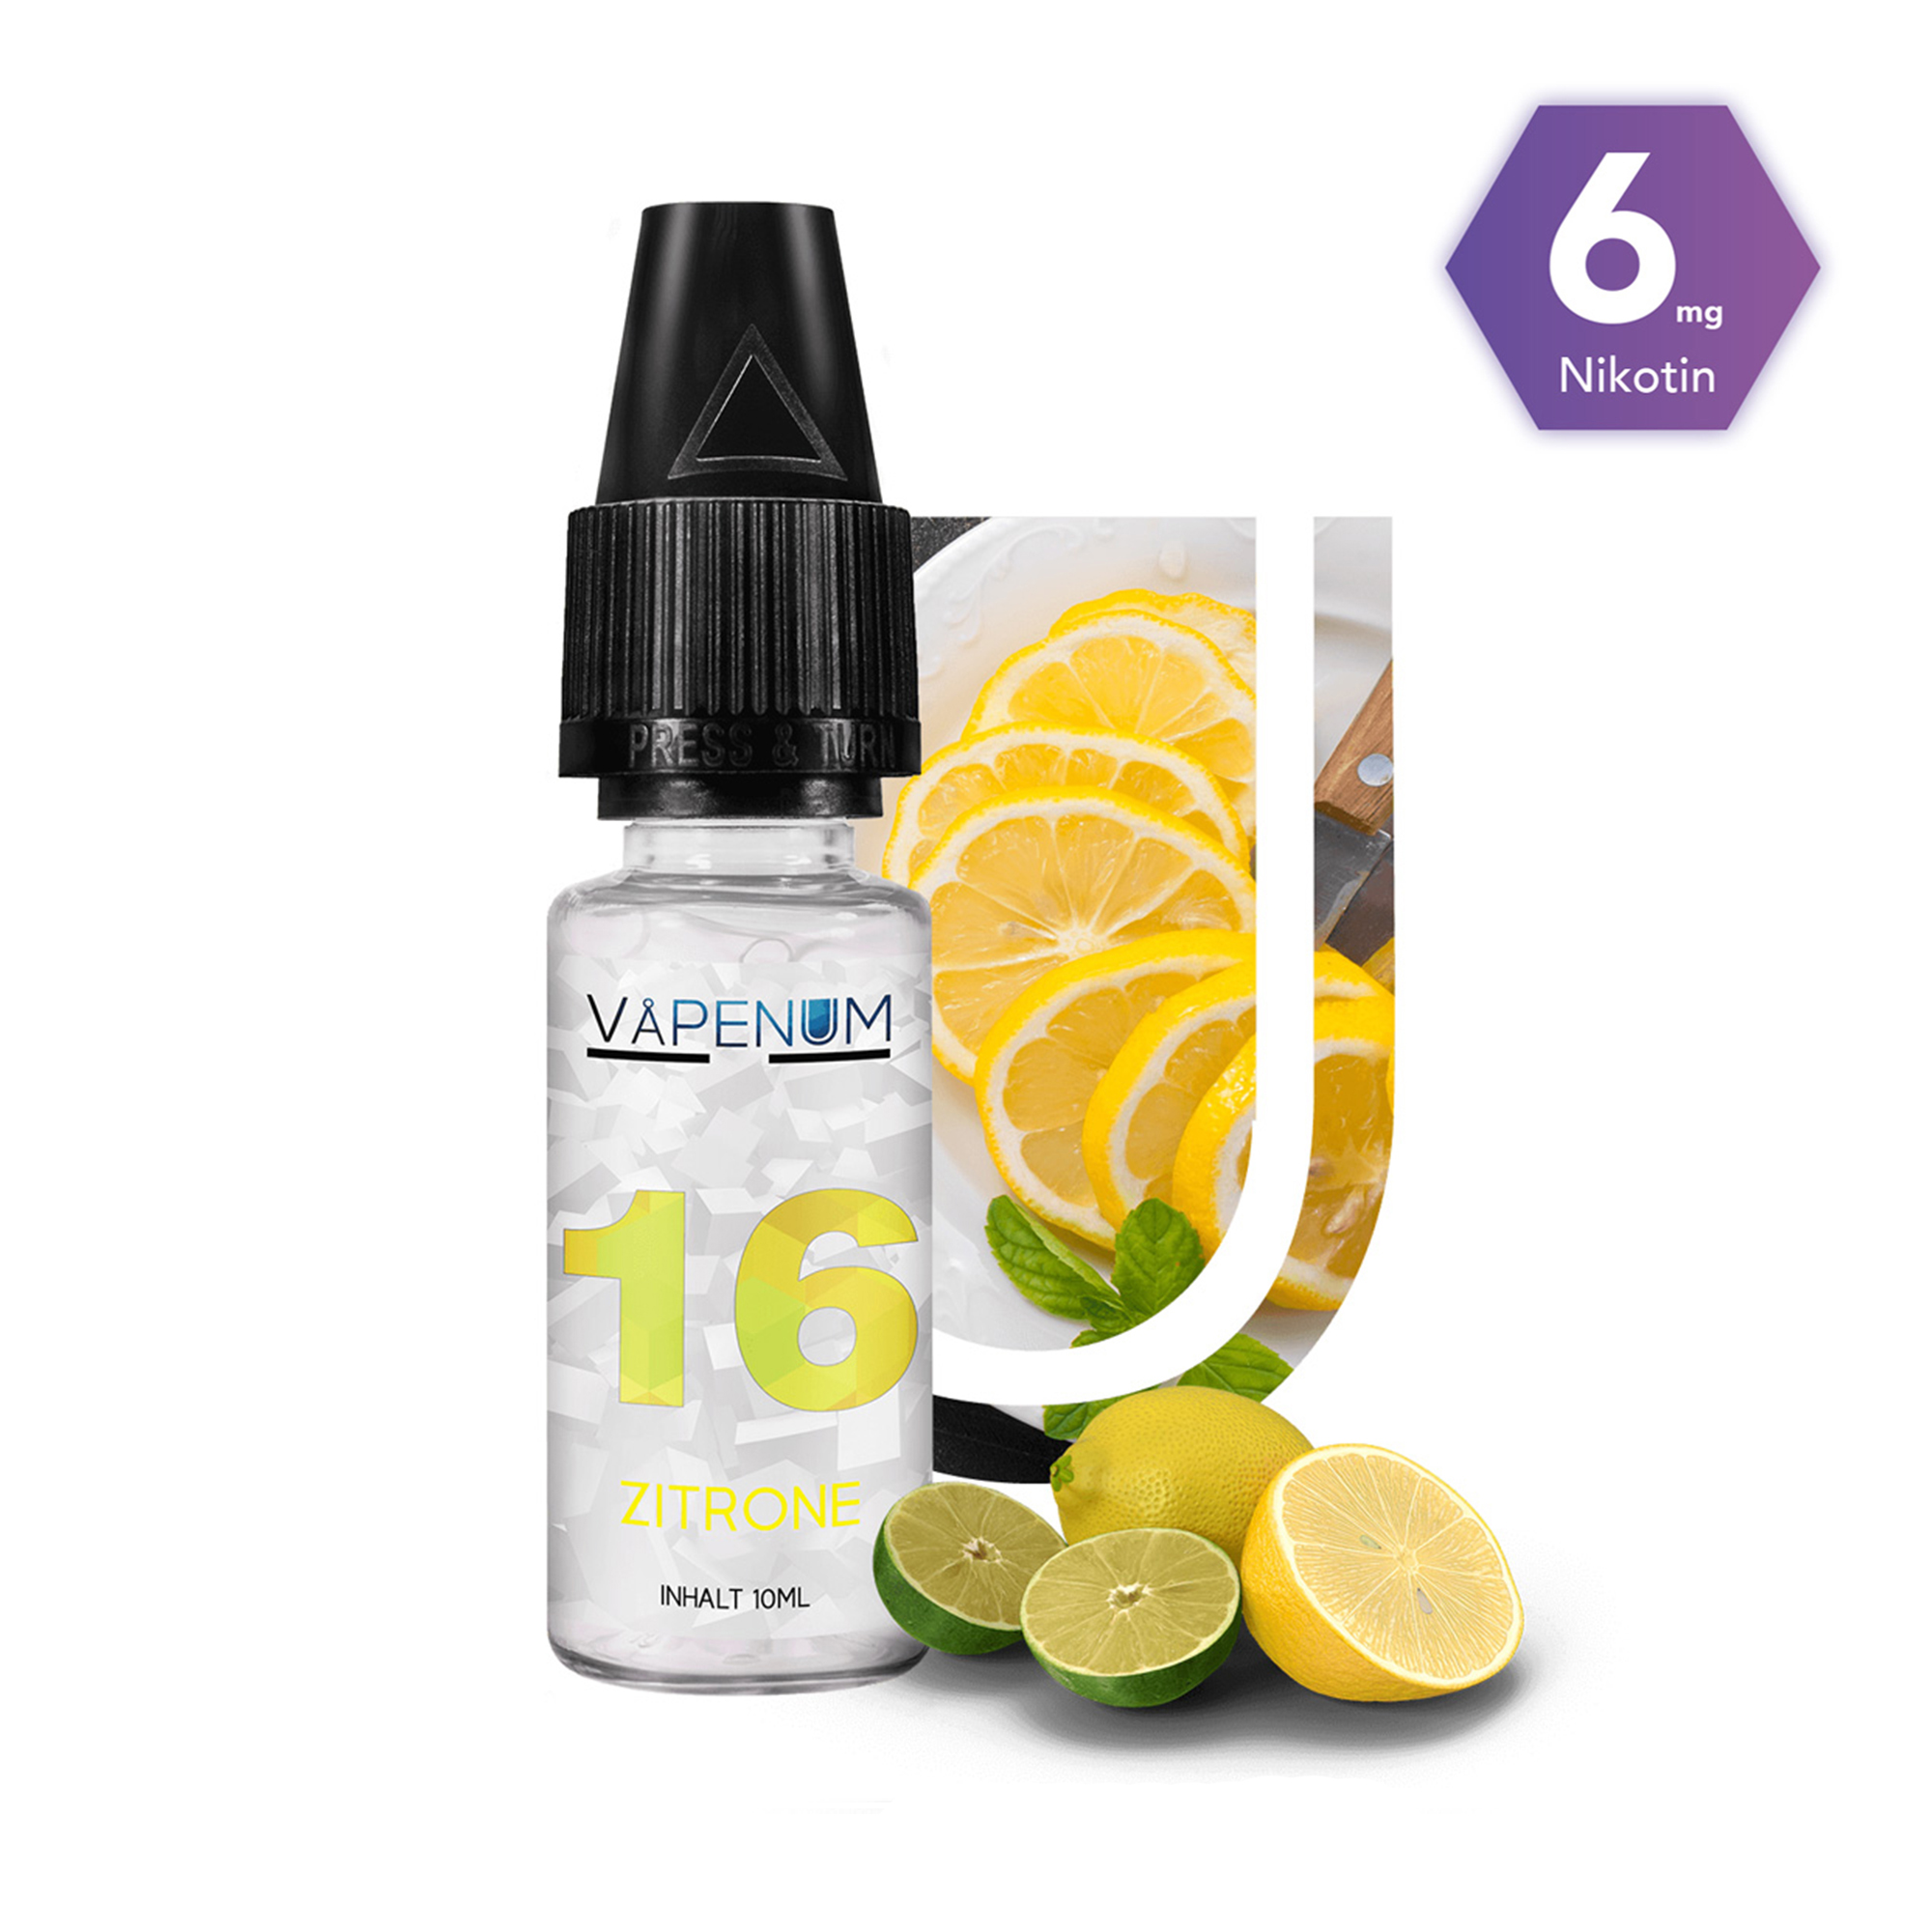 16 - Zitrone Liquid by Vapenum